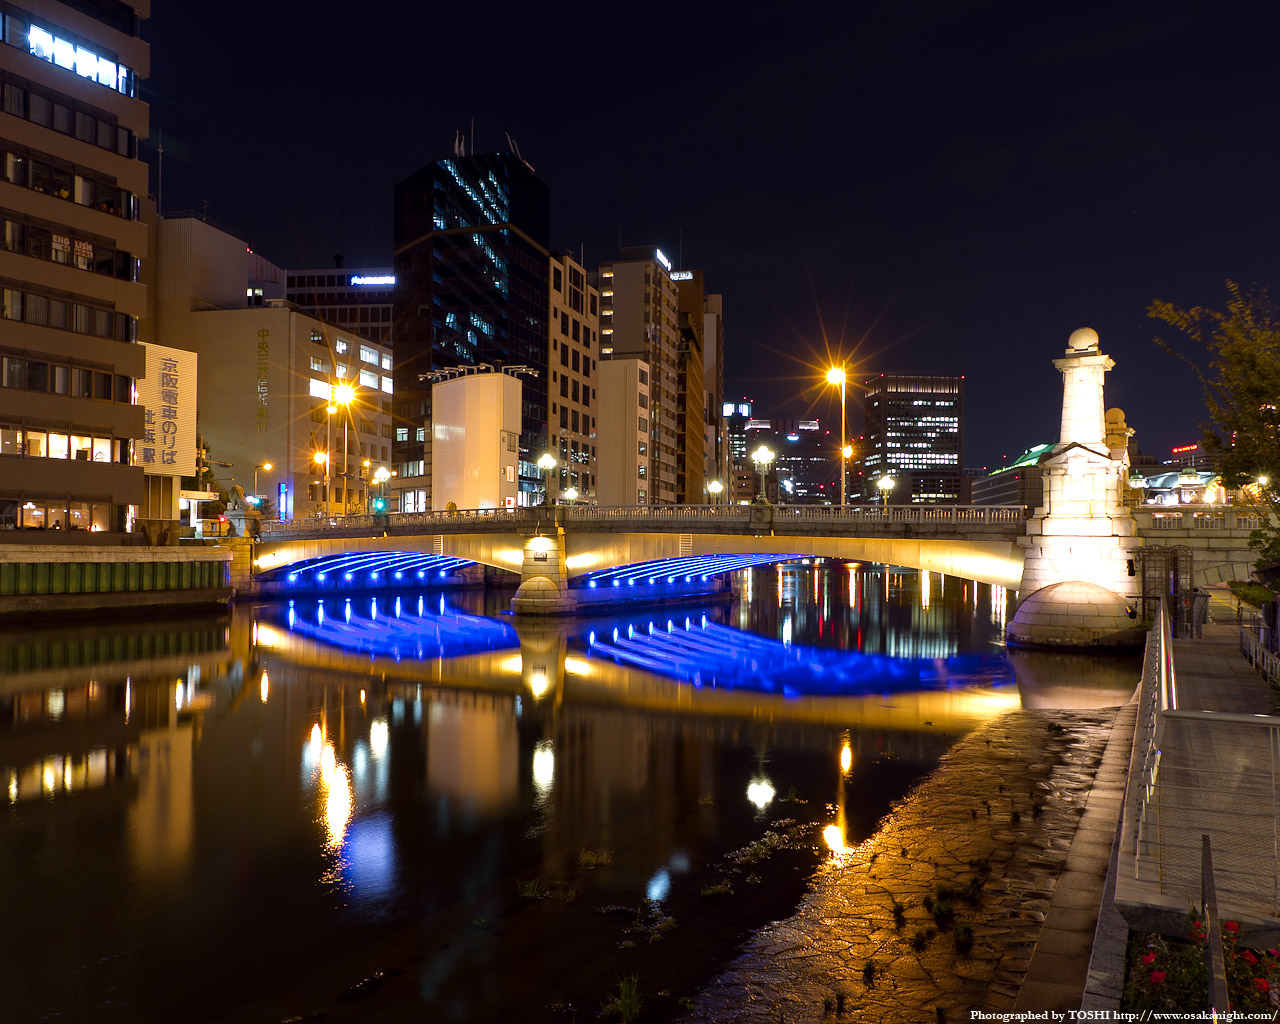 難波橋のライトアップ夜景1